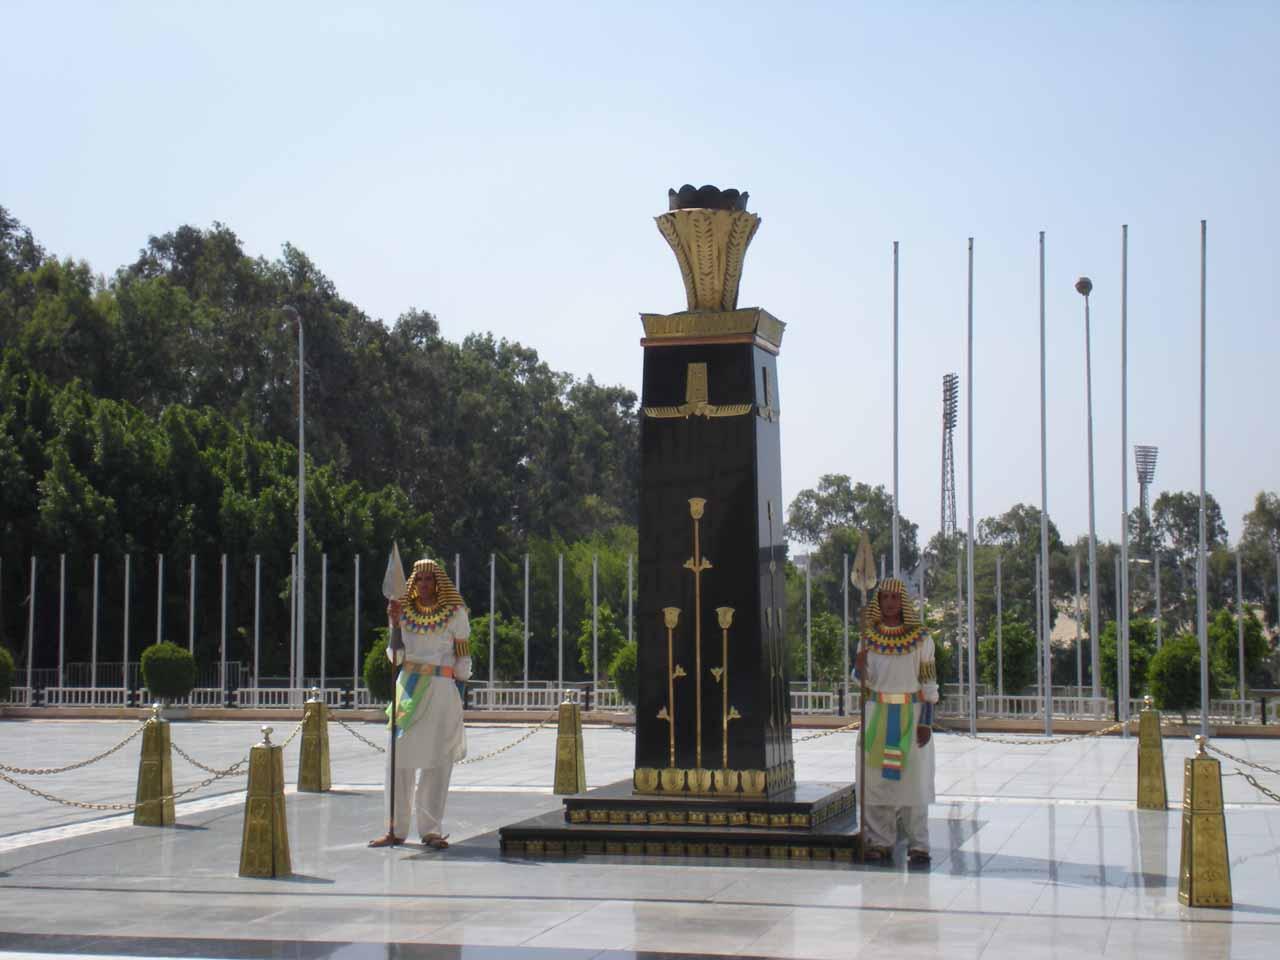 A pair of live guards at the Anwar Sadat Memorial